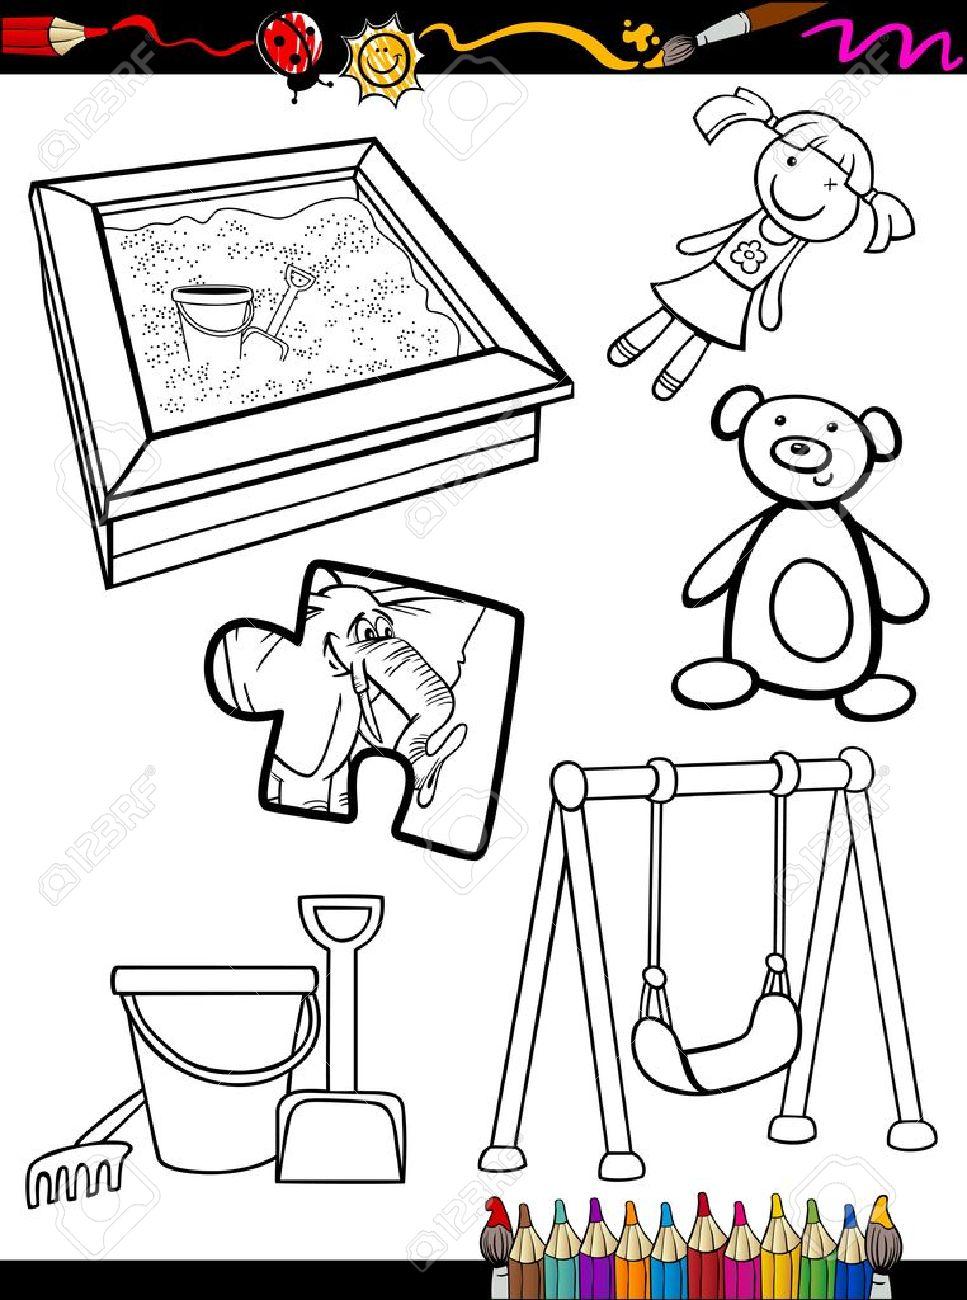 Coloring Book O Página De Dibujos Animados De Blanco Y Negro ...